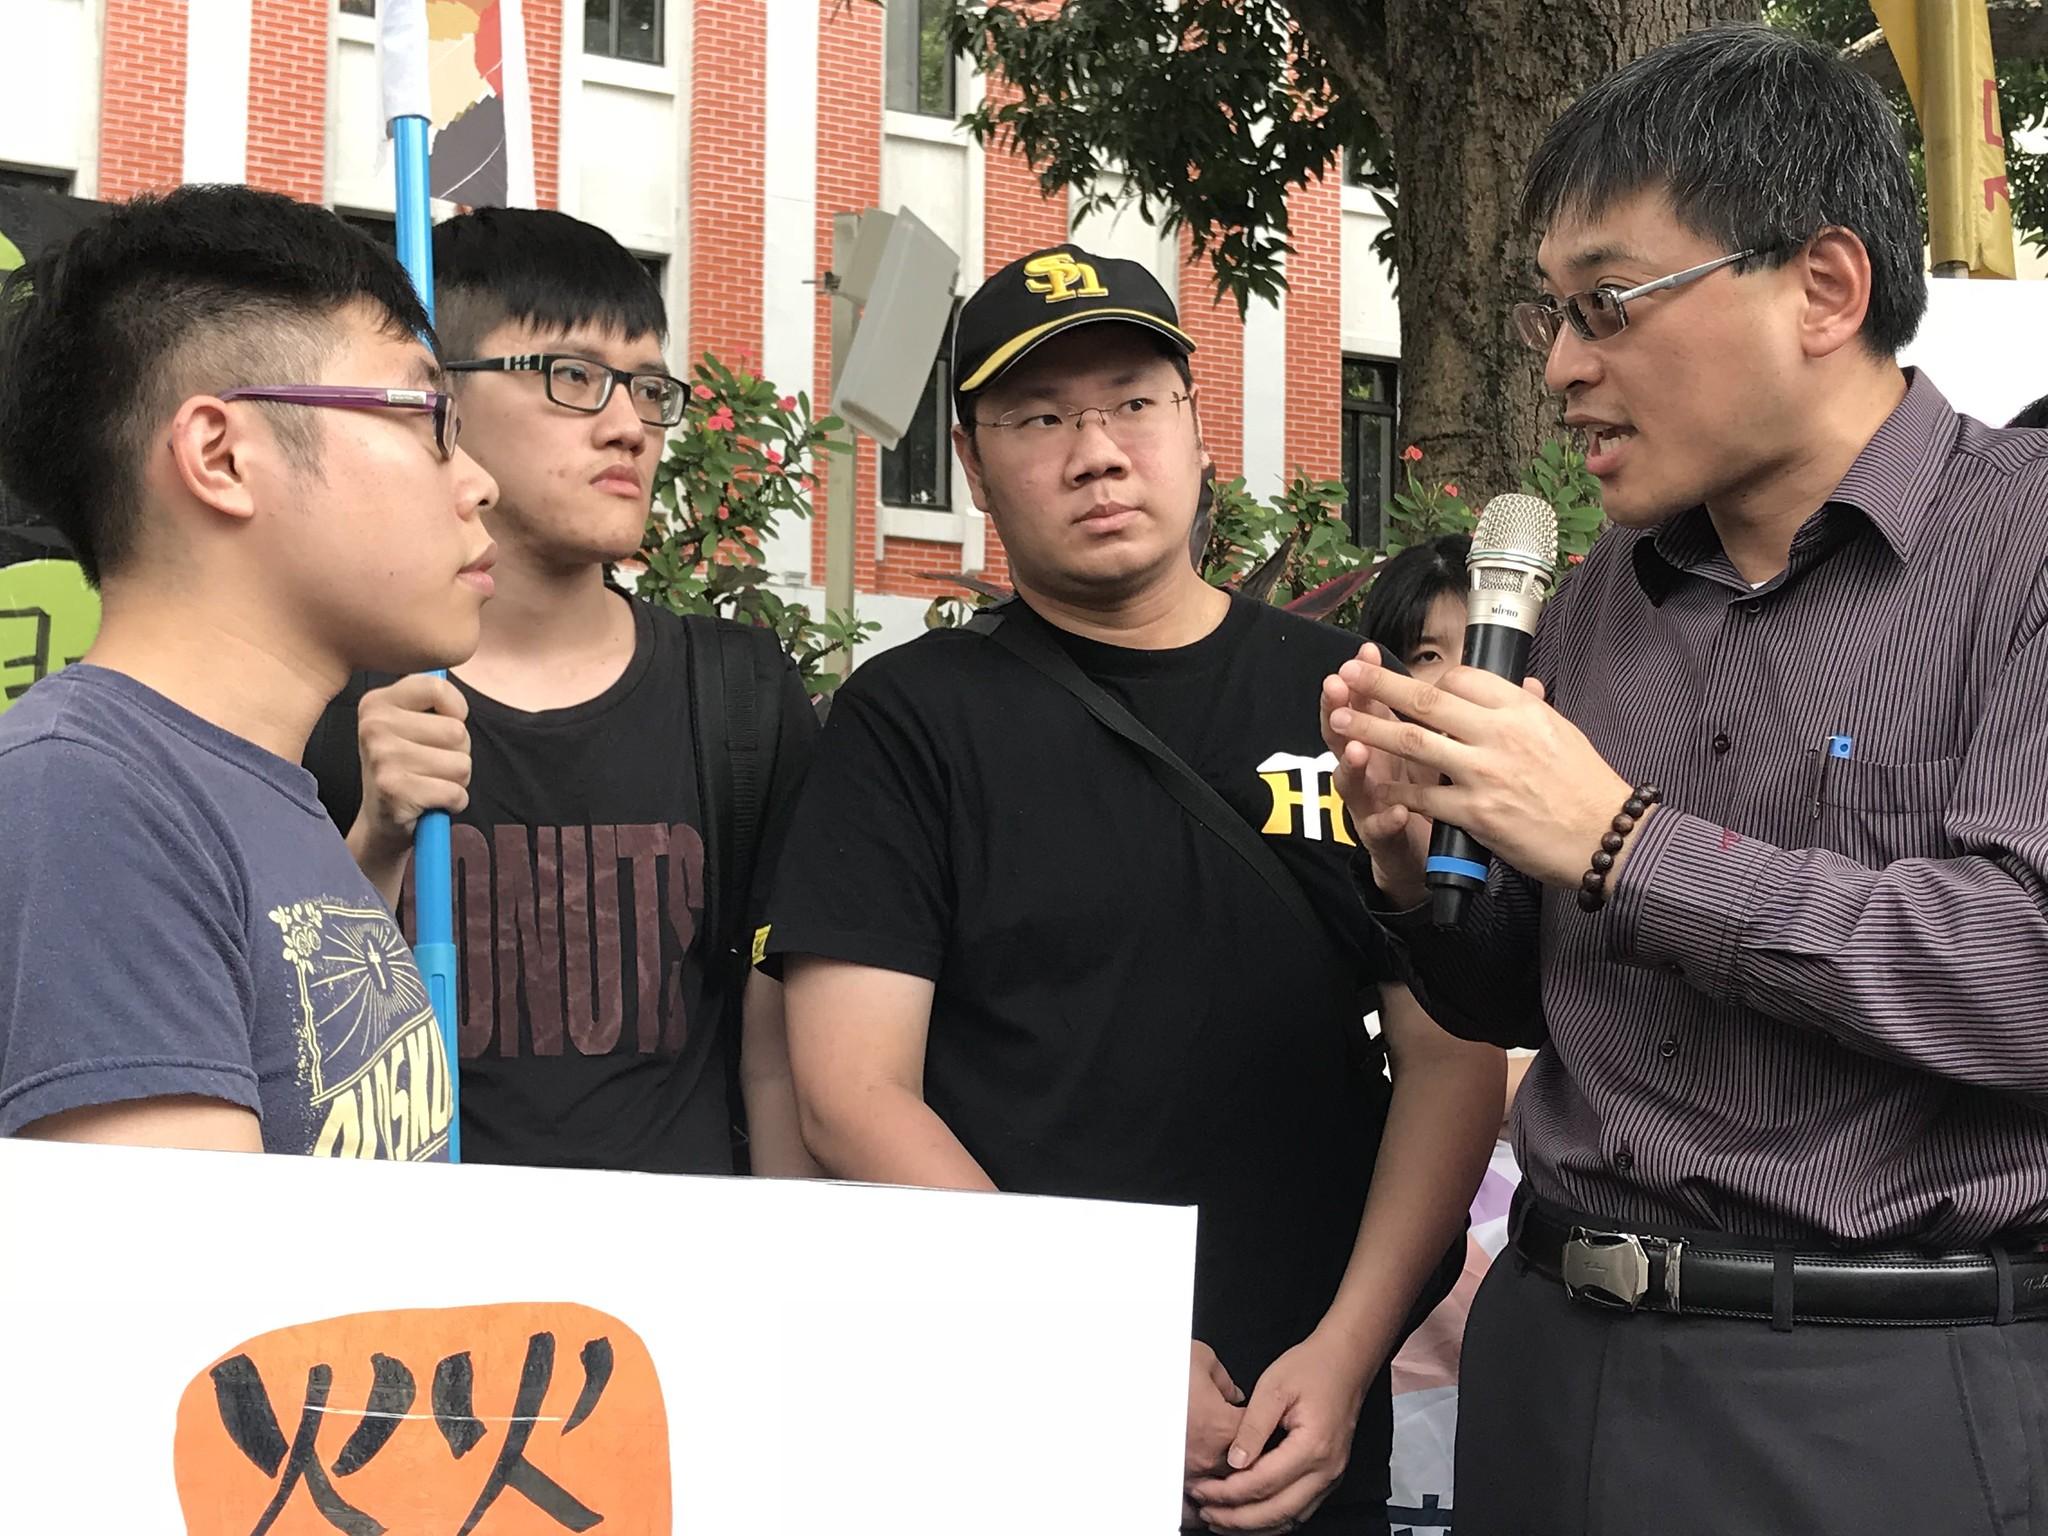 出面回应的科长曾新元只表示教育部会依法行事,会再要求各大学自行查处,此话一出即遭学生们严厉批评。(摄影:张宗坤)